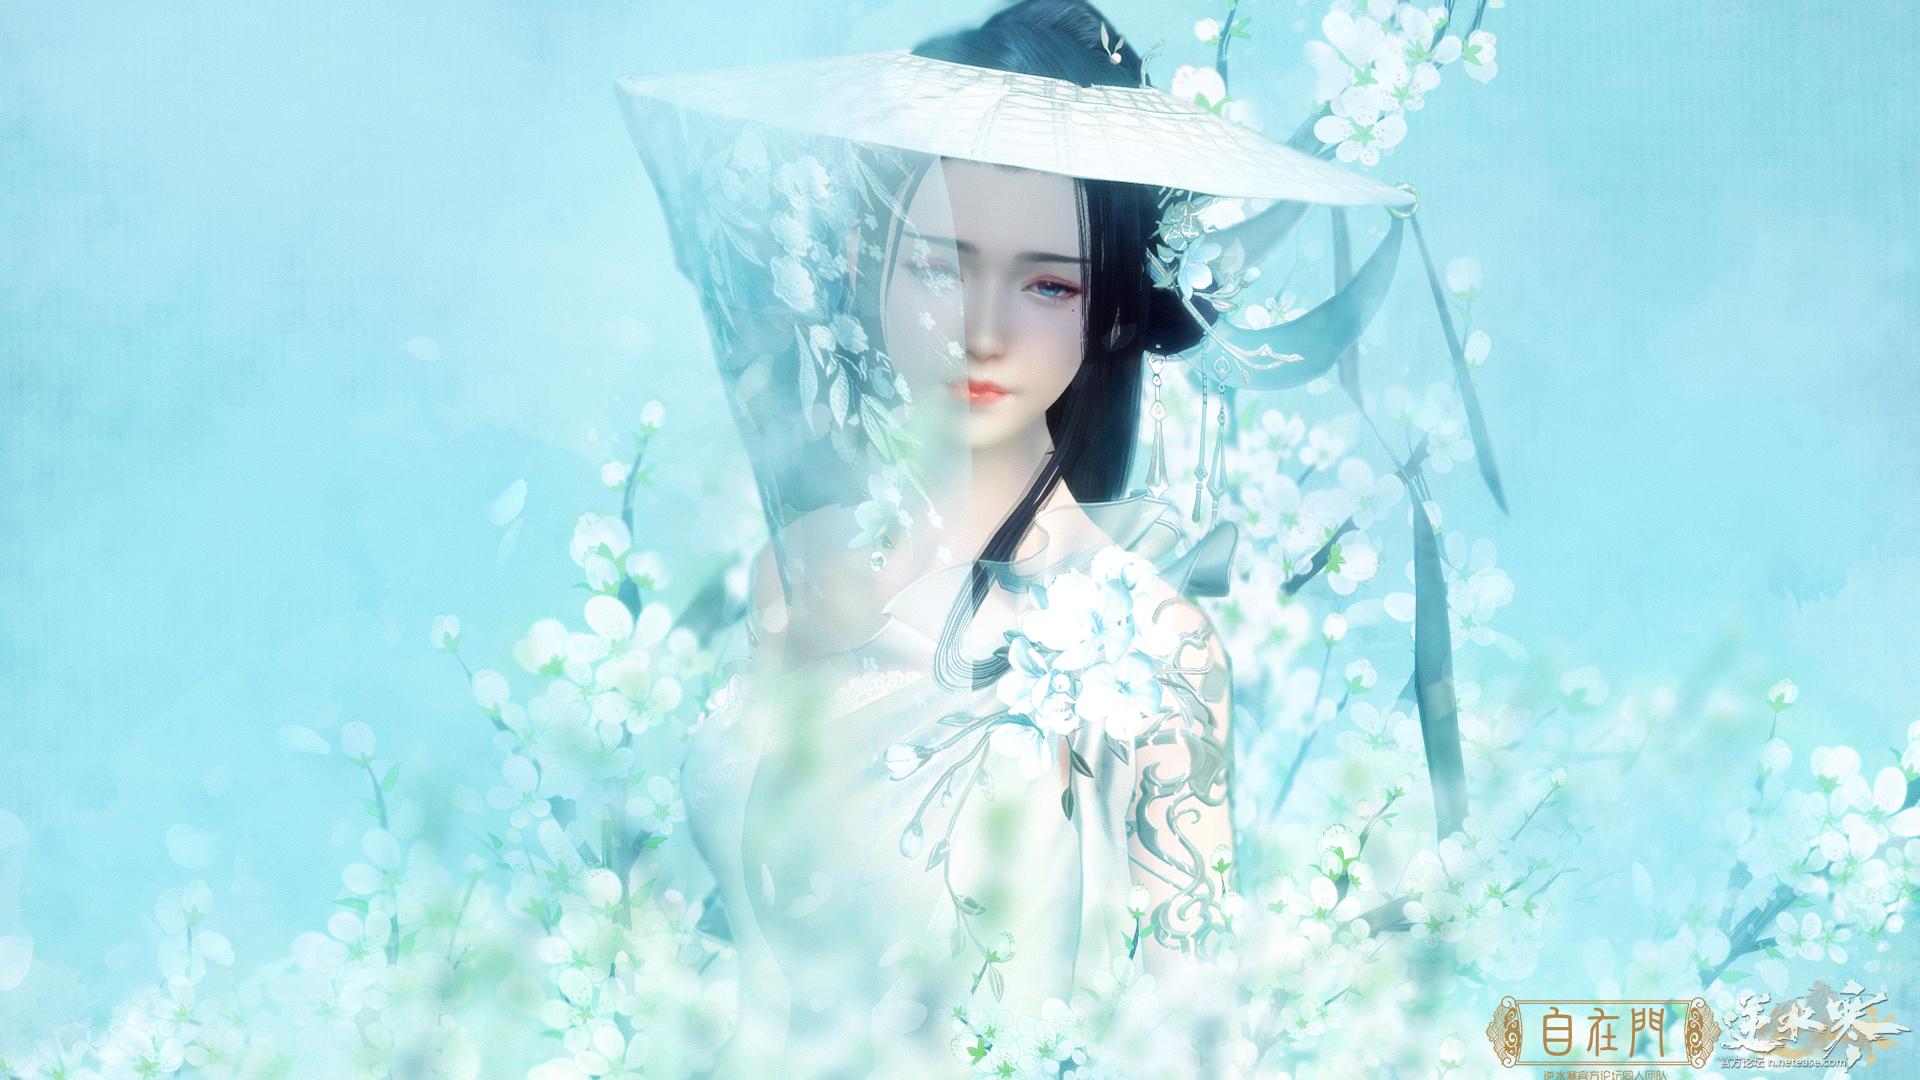 【自在门·制图】花语系列3P